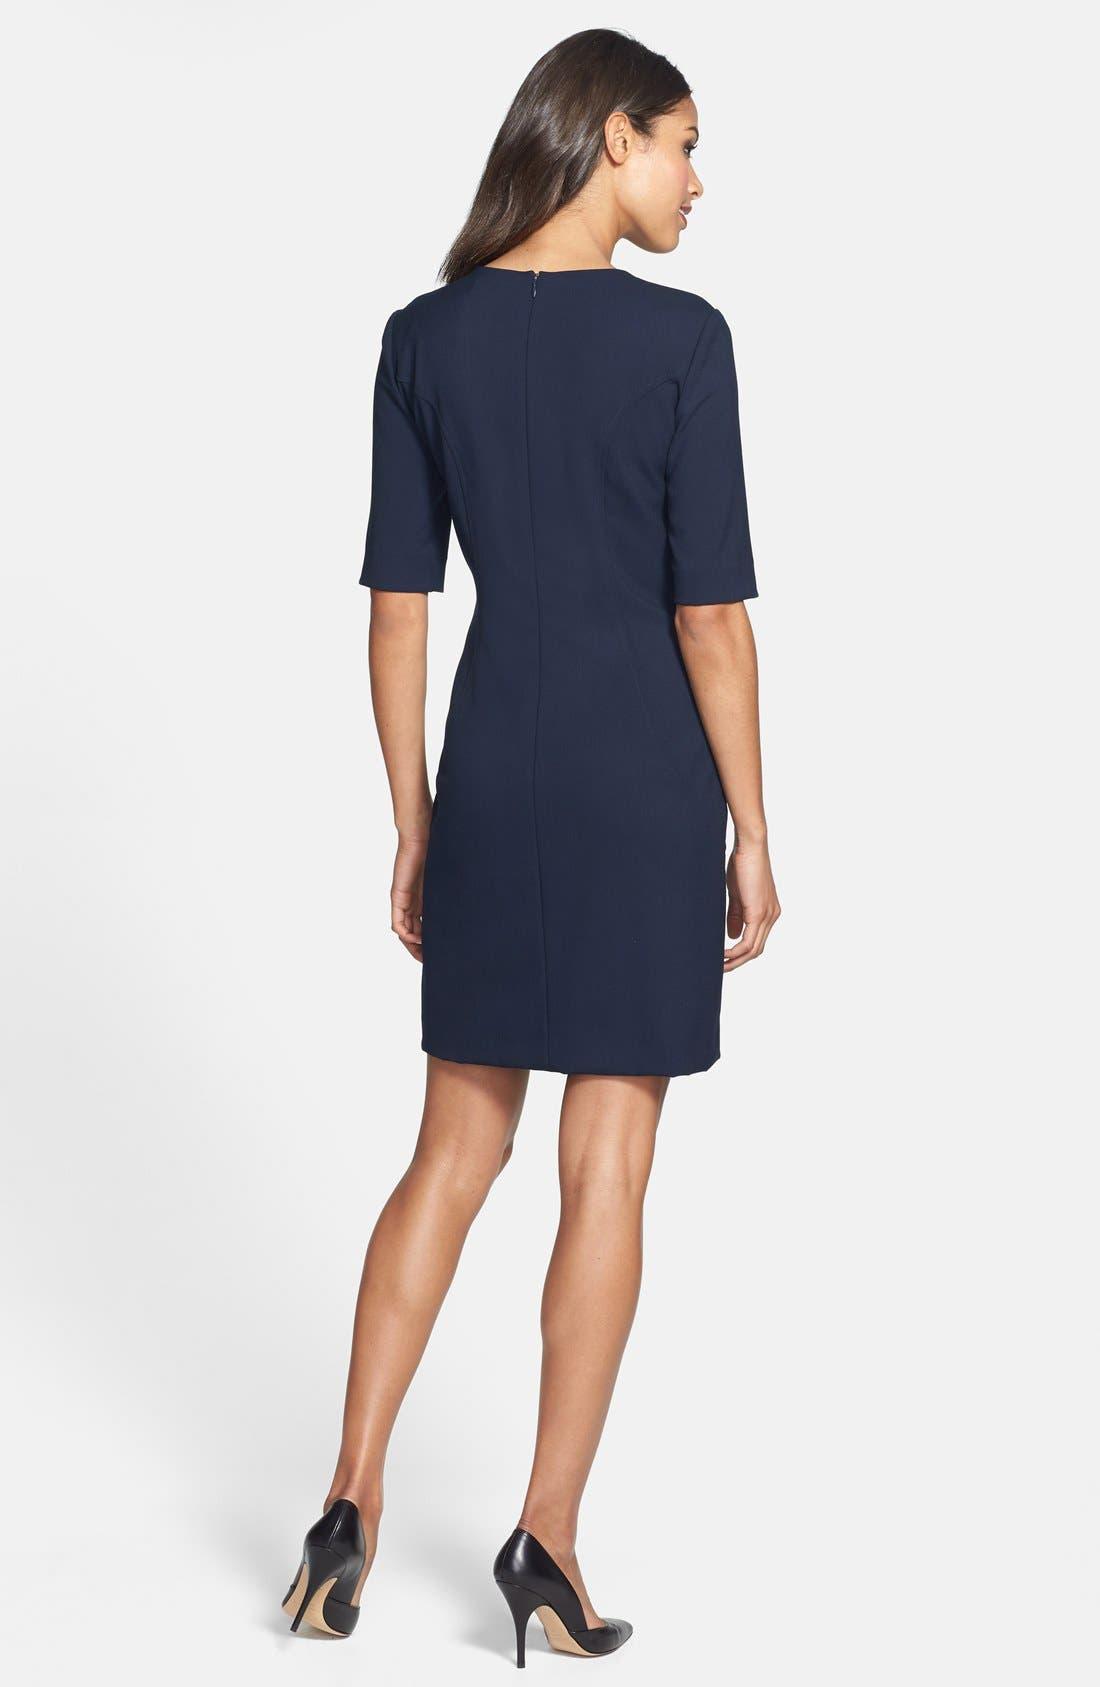 Alternate Image 2  - Tahari V-Neck Shift Dress (Regular & Petite) (Online Only)